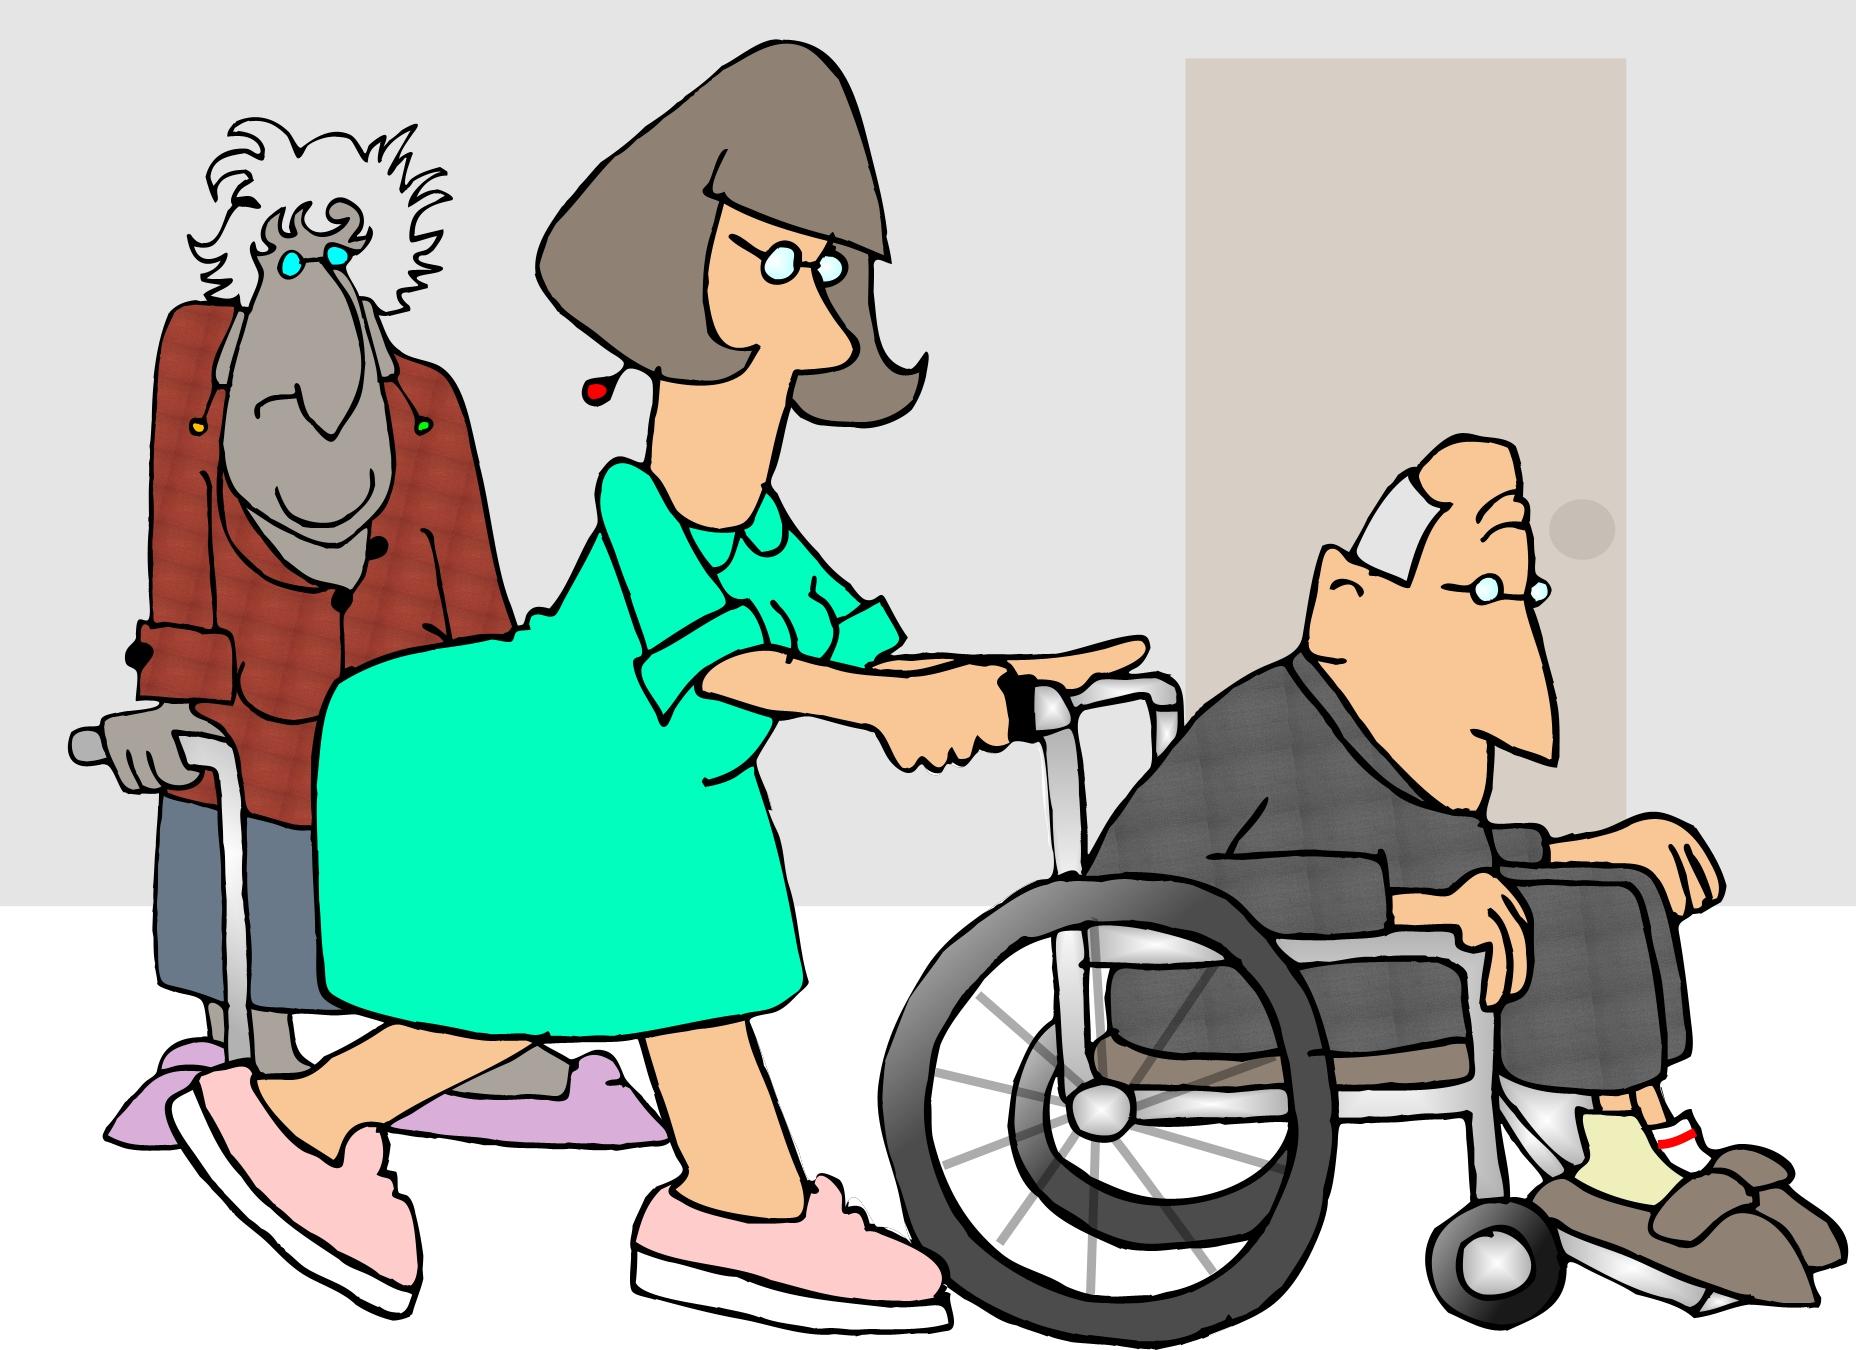 Intensive care: Patients' experiences